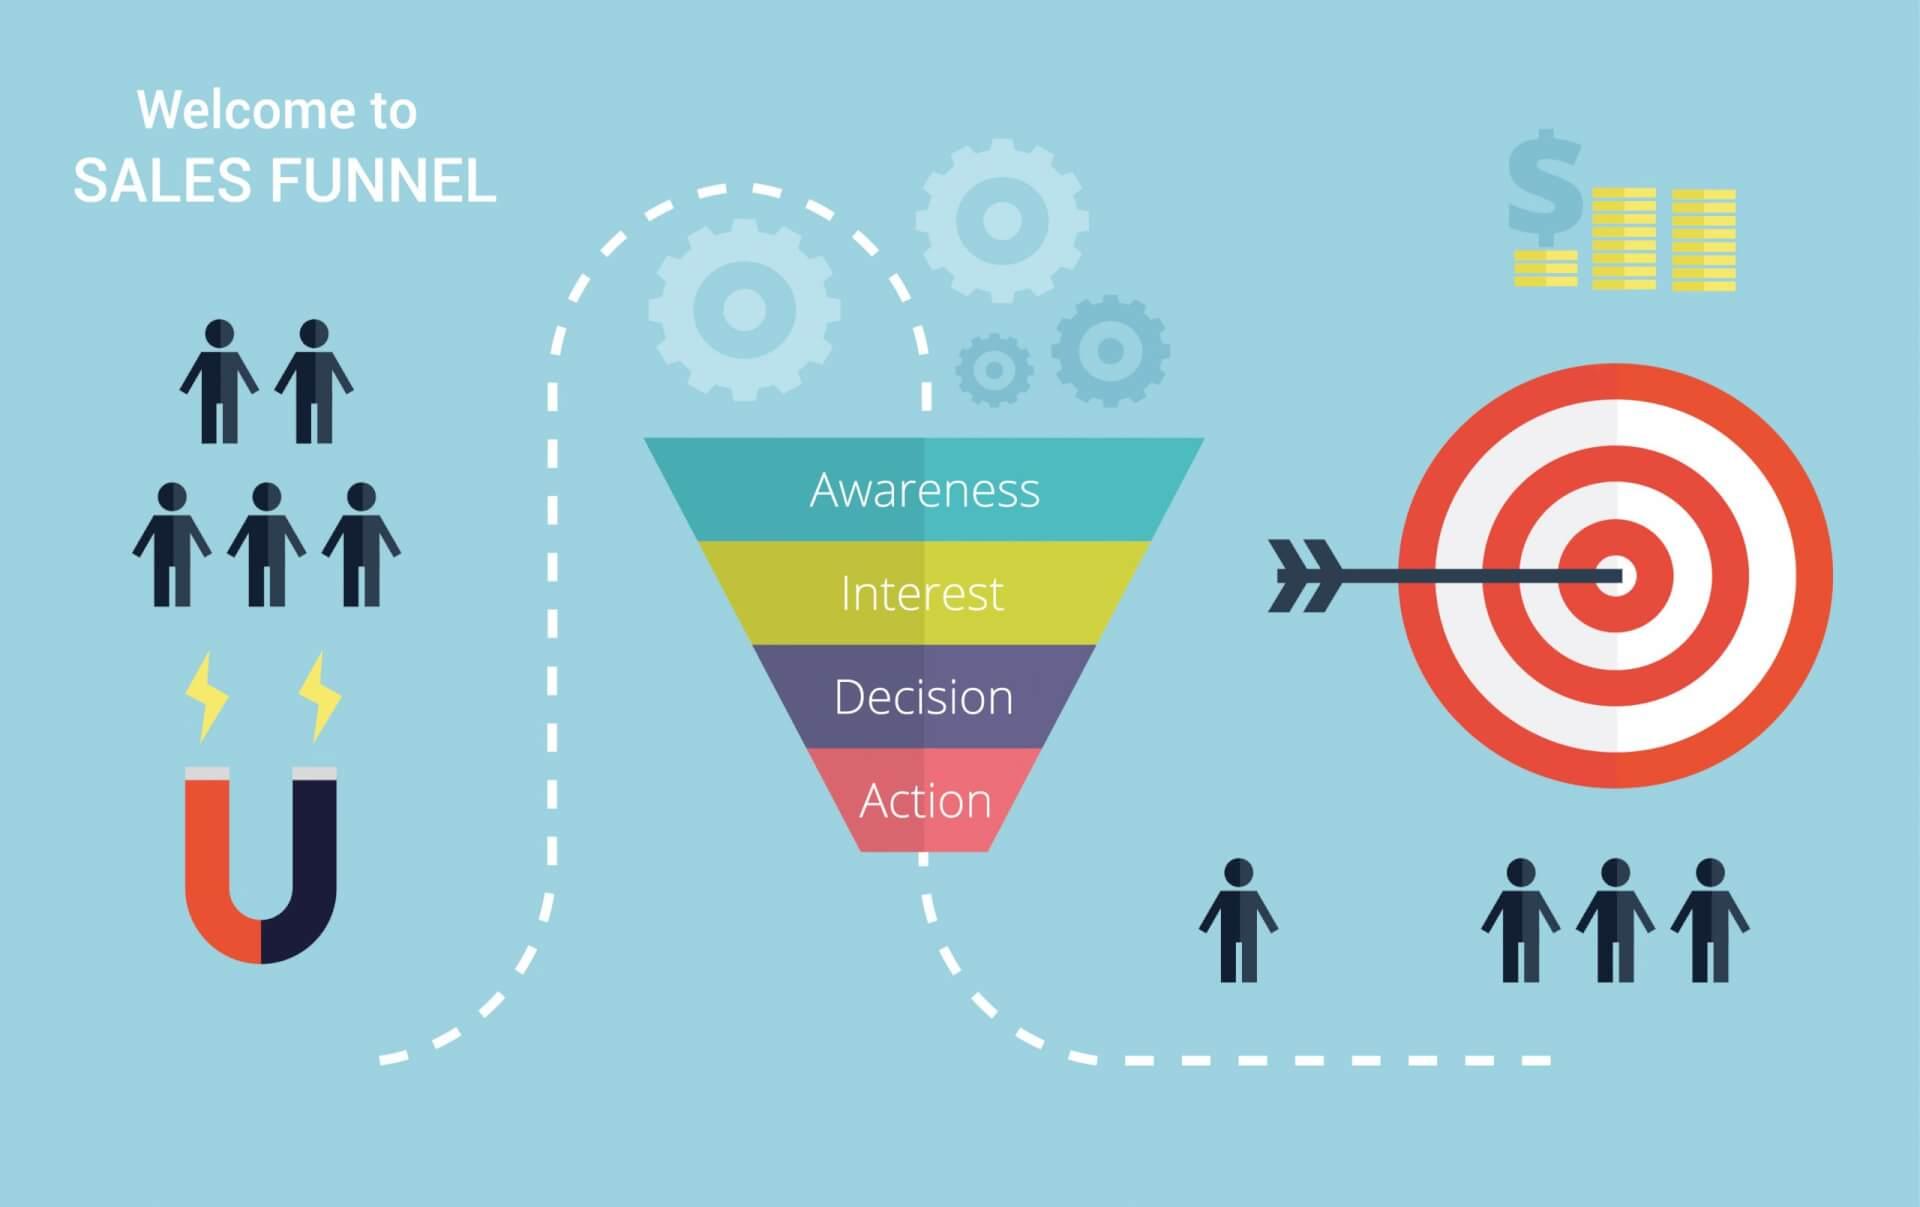 Bạn nên dẫn dắt khách hàng của mình thông qua phễu bán hàng.